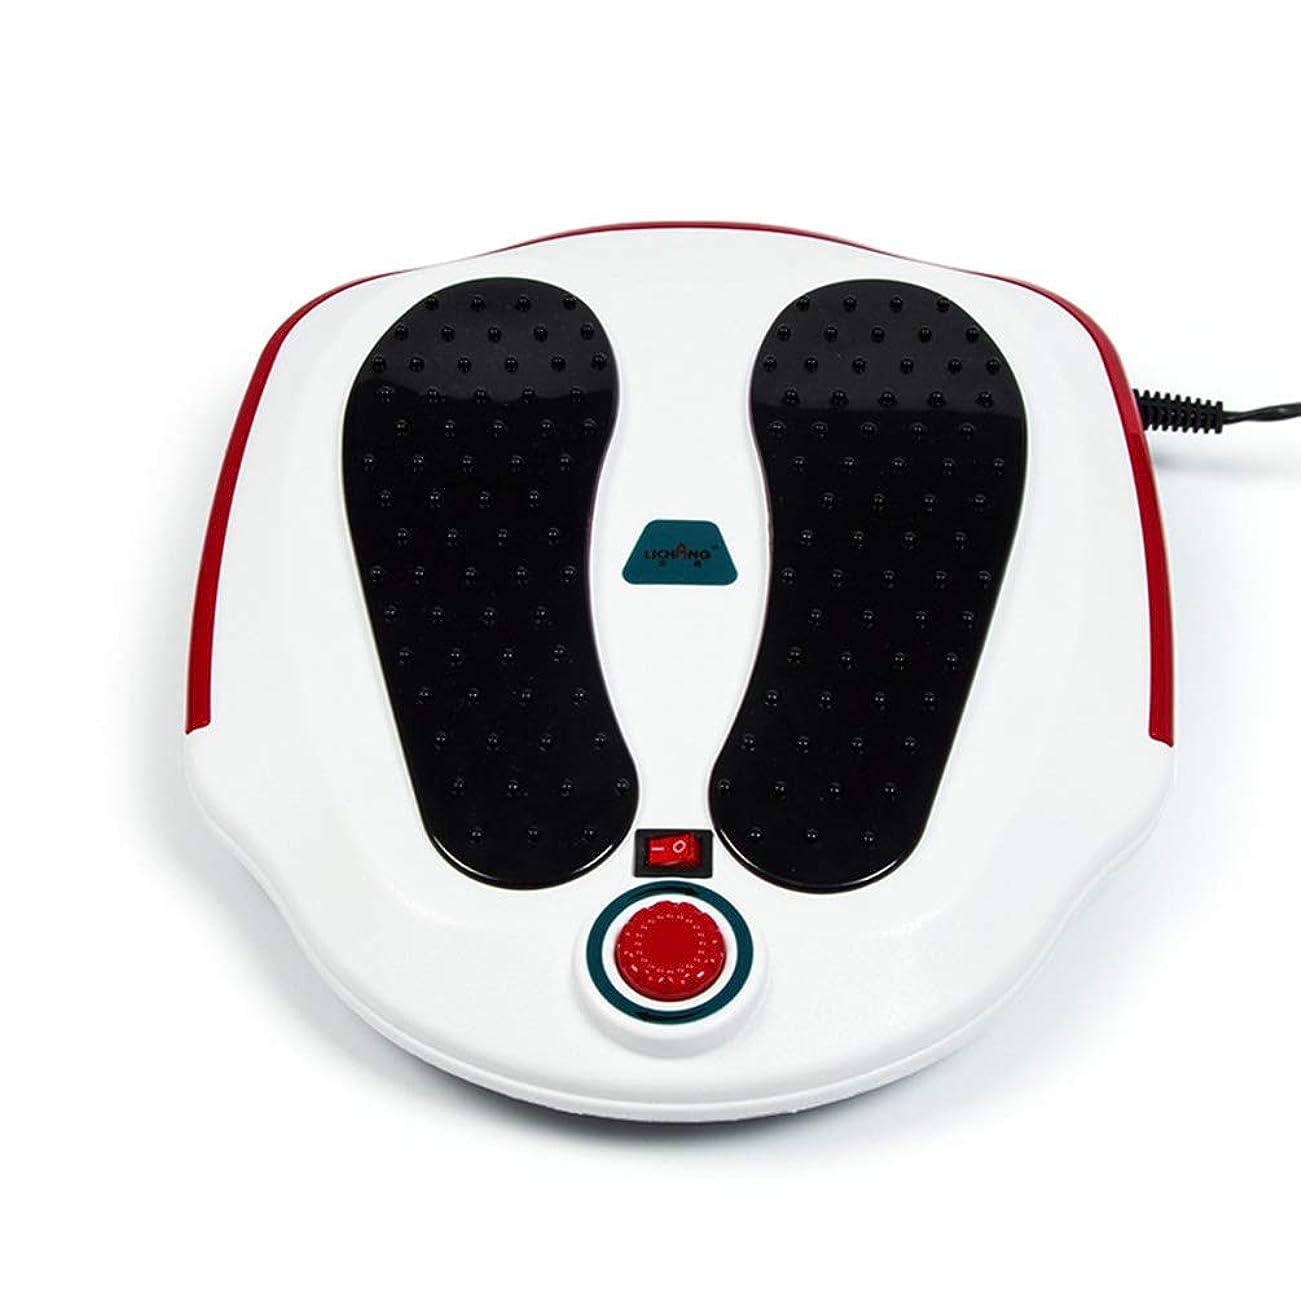 下位不良品頭痛リモコン フットマッサージ機、ABS素材、電気指圧式フットマッサージャー(熱、深練り、ローリング、および空気圧縮)、Fe家庭用およびオフィス用 インテリジェント, white